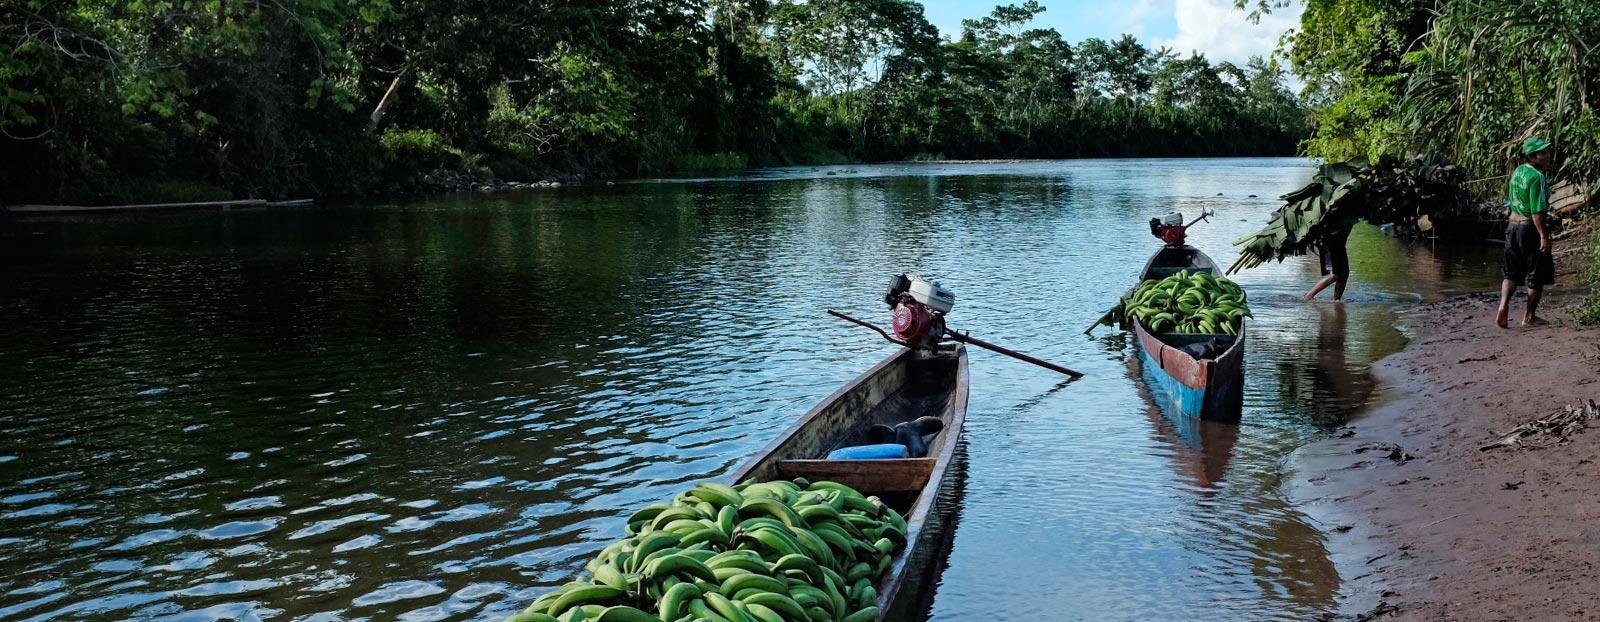 香蕉树的自然栖息地